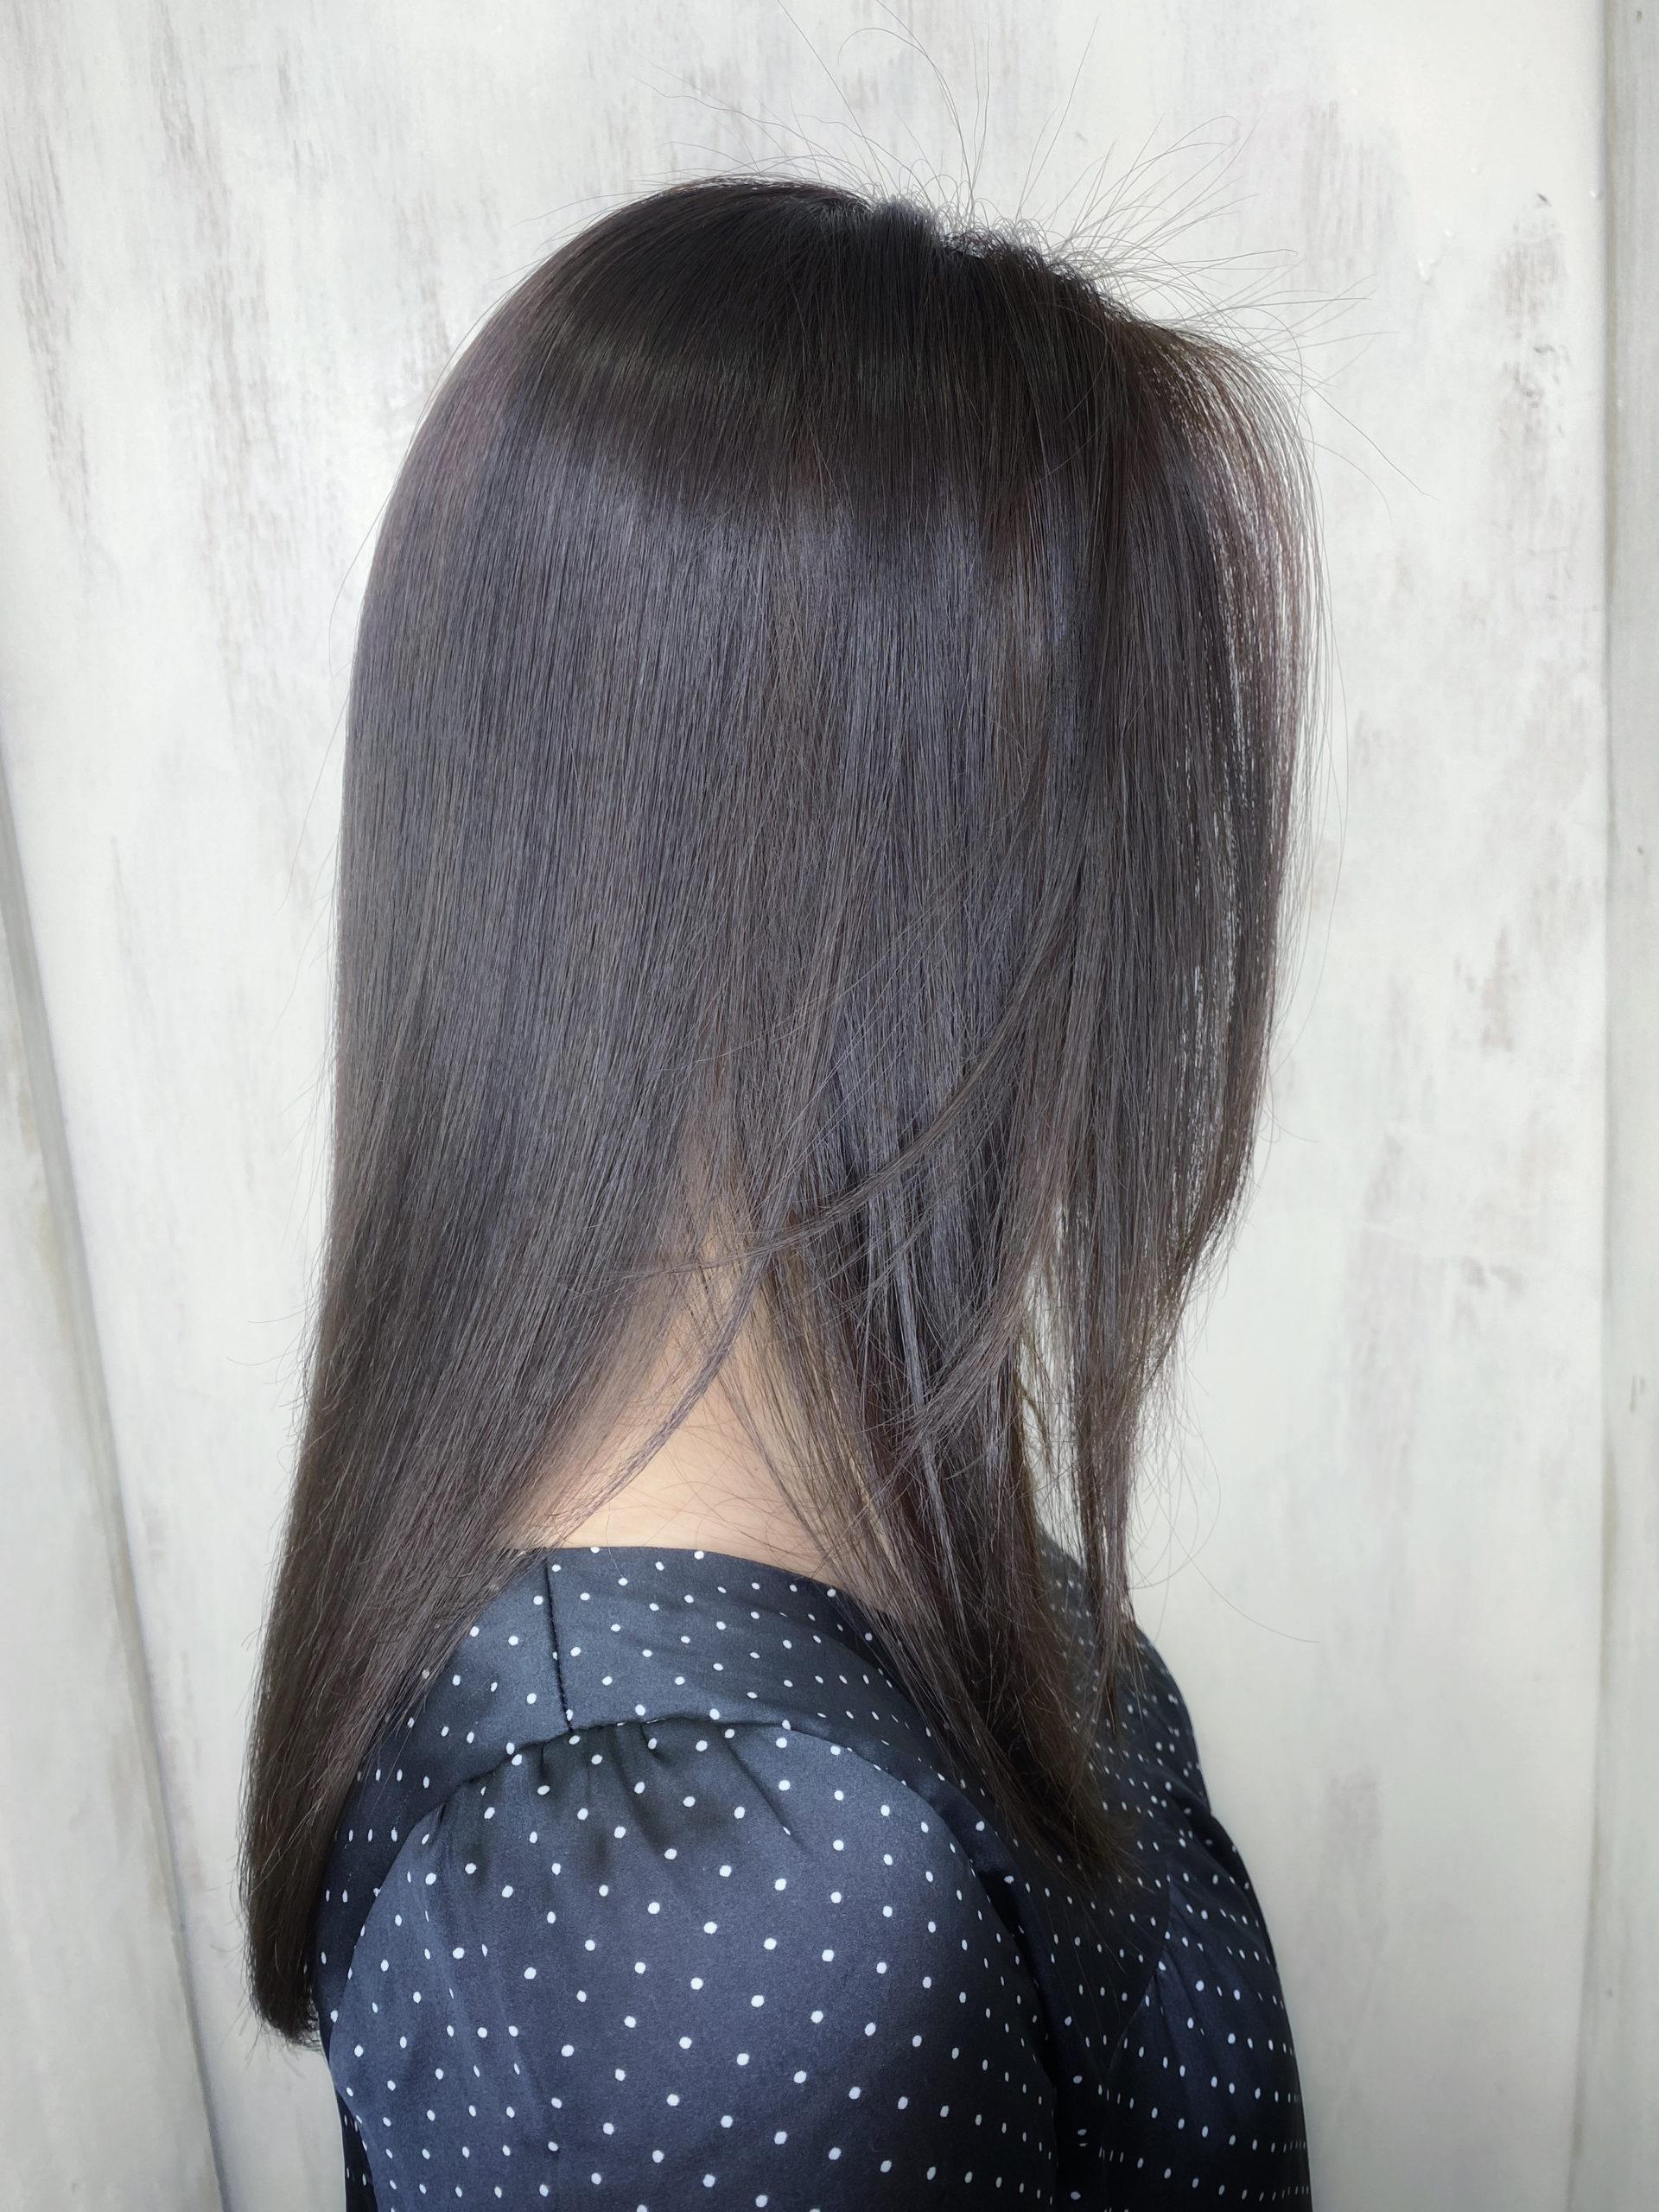 パーマの失敗を【ビビリ矯正】で改善。原宿・表参道『髪のお悩みを解決するヘアケア美容師の挑戦』